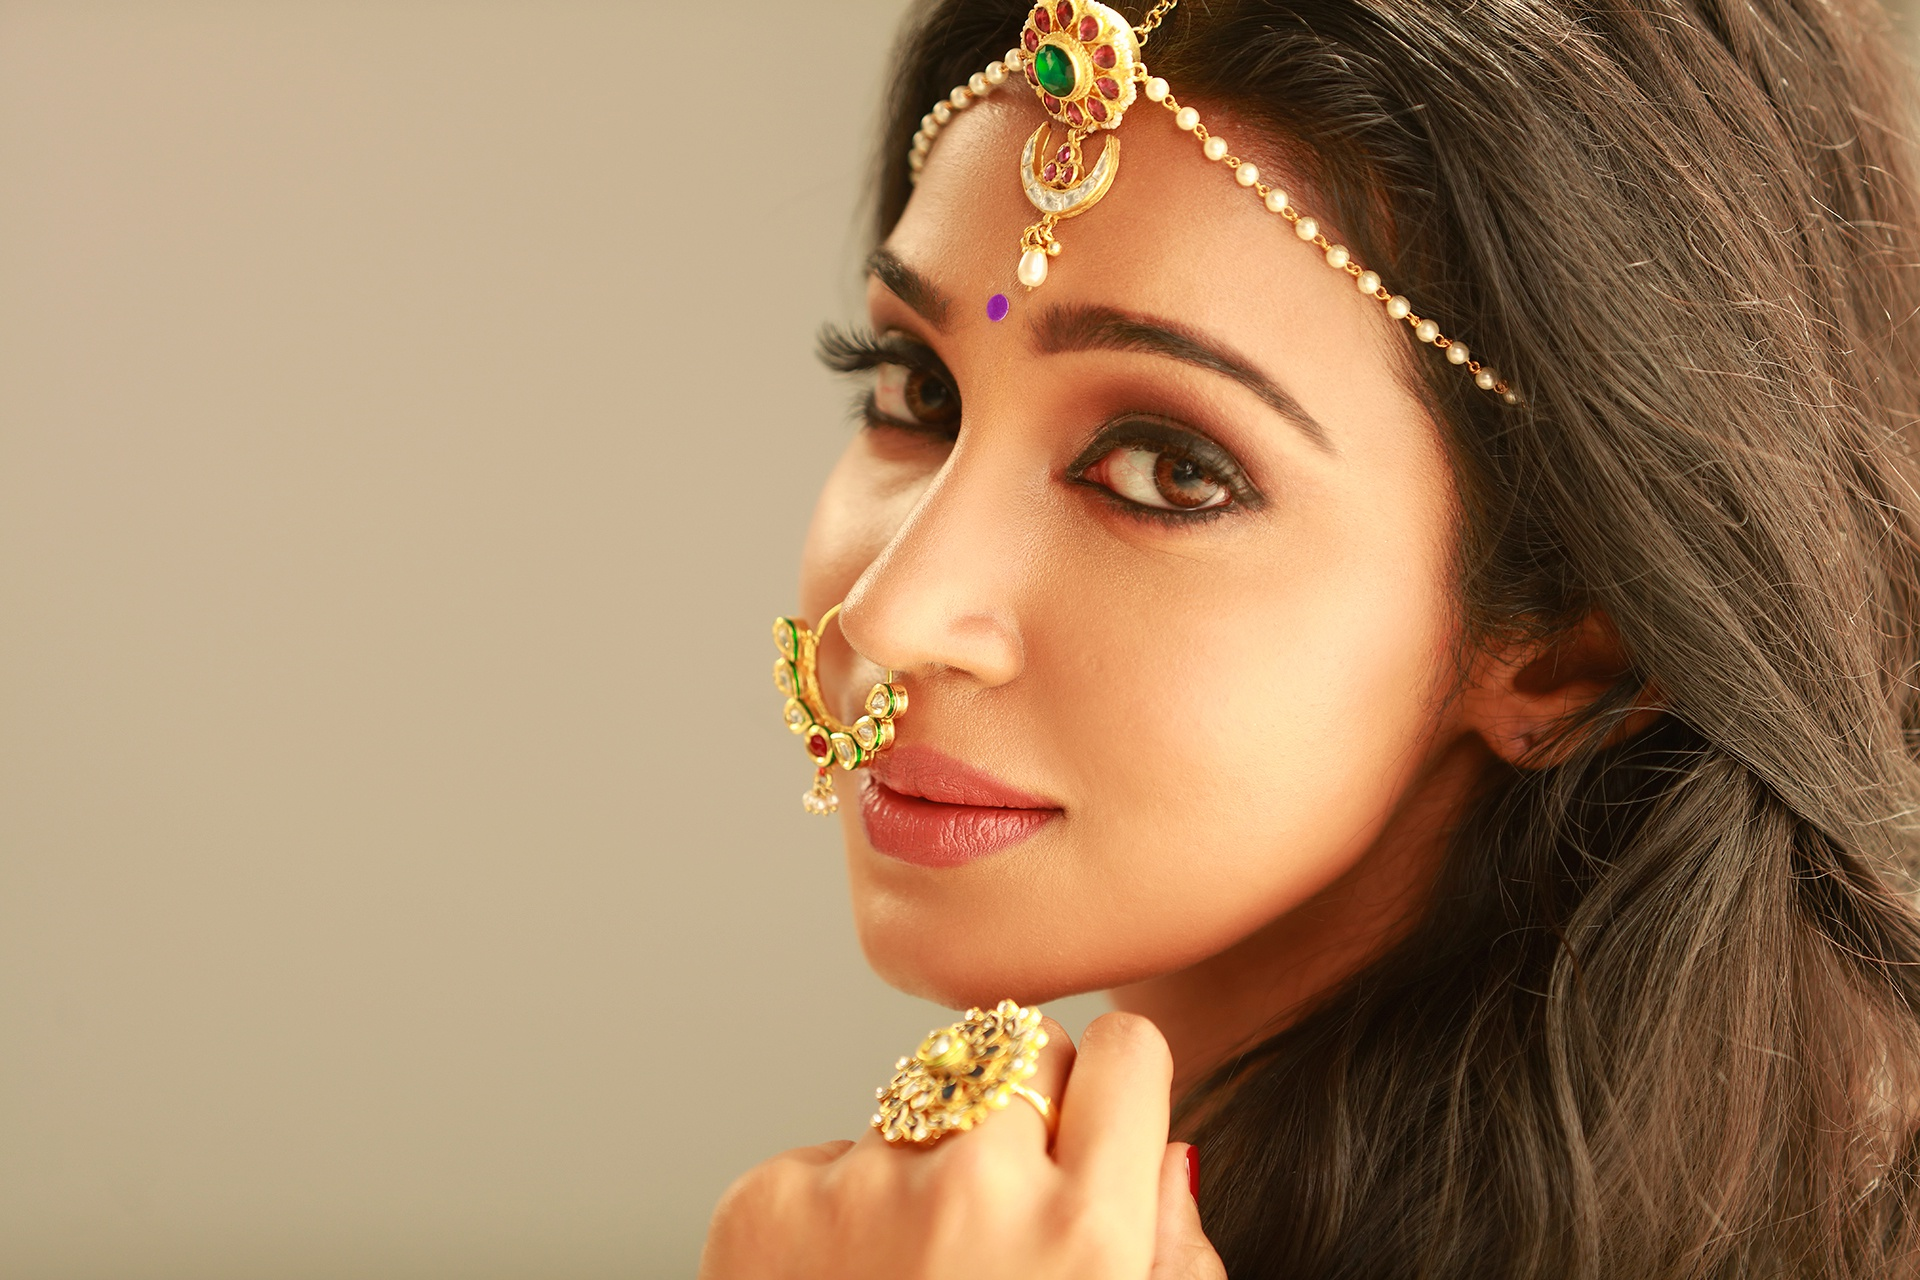 Индийские девушки картинки, поздравление